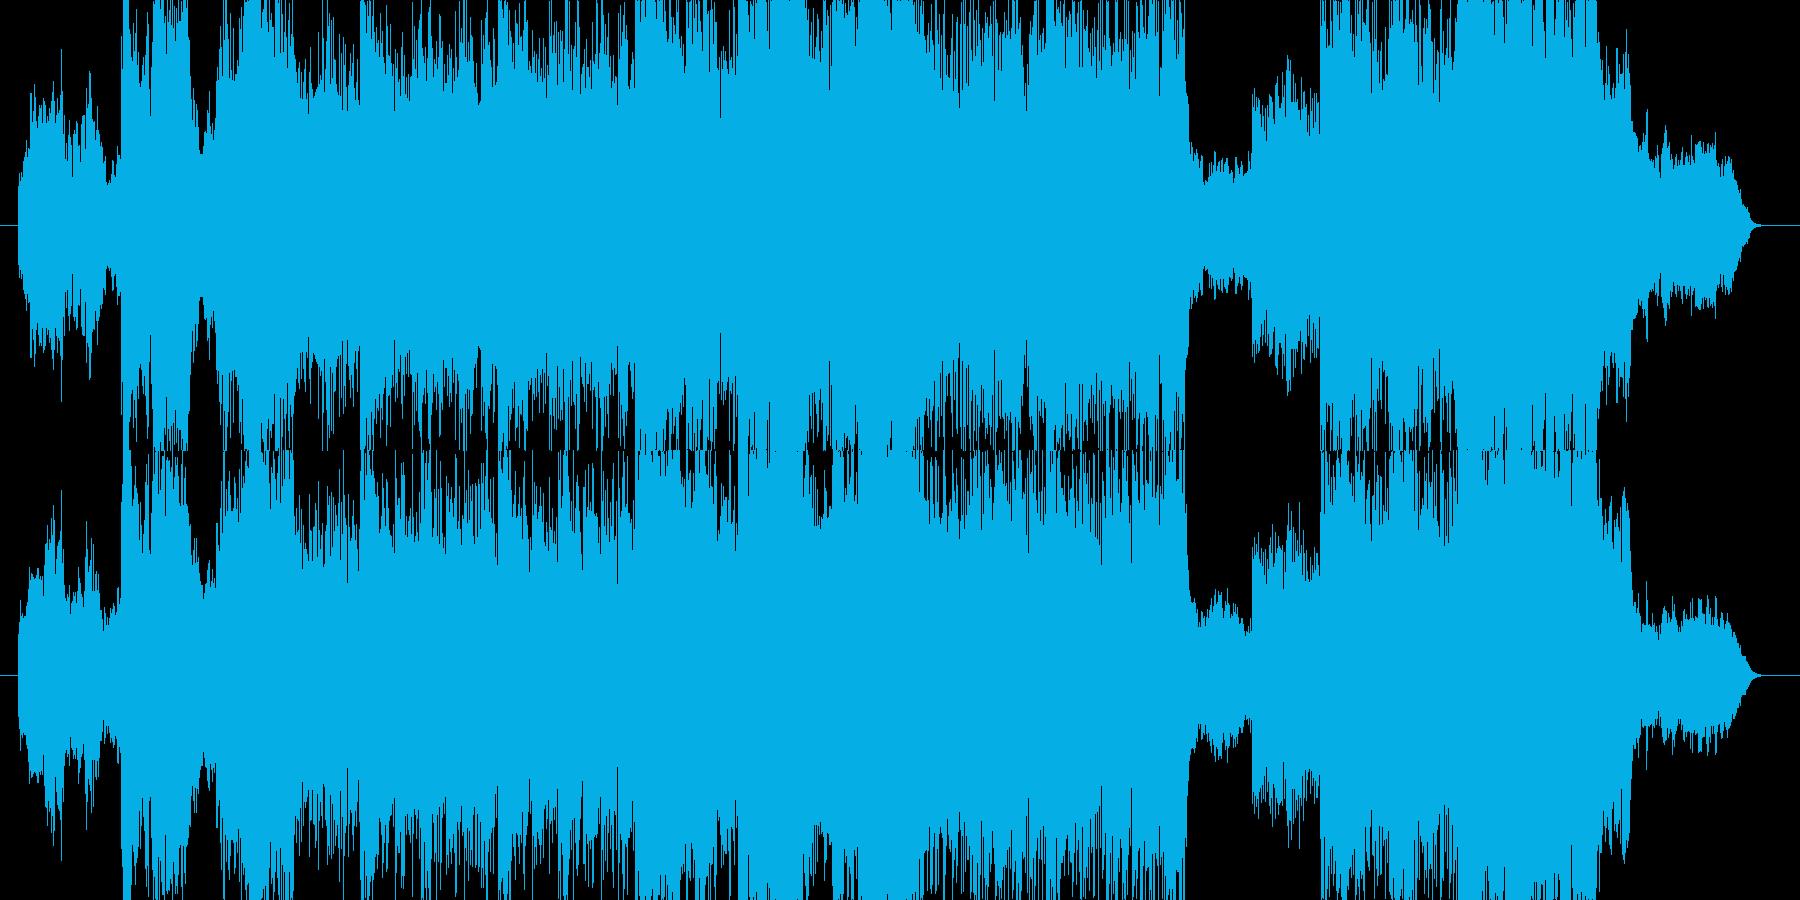 異国情緒溢れる神秘的なデジタルサウンドの再生済みの波形